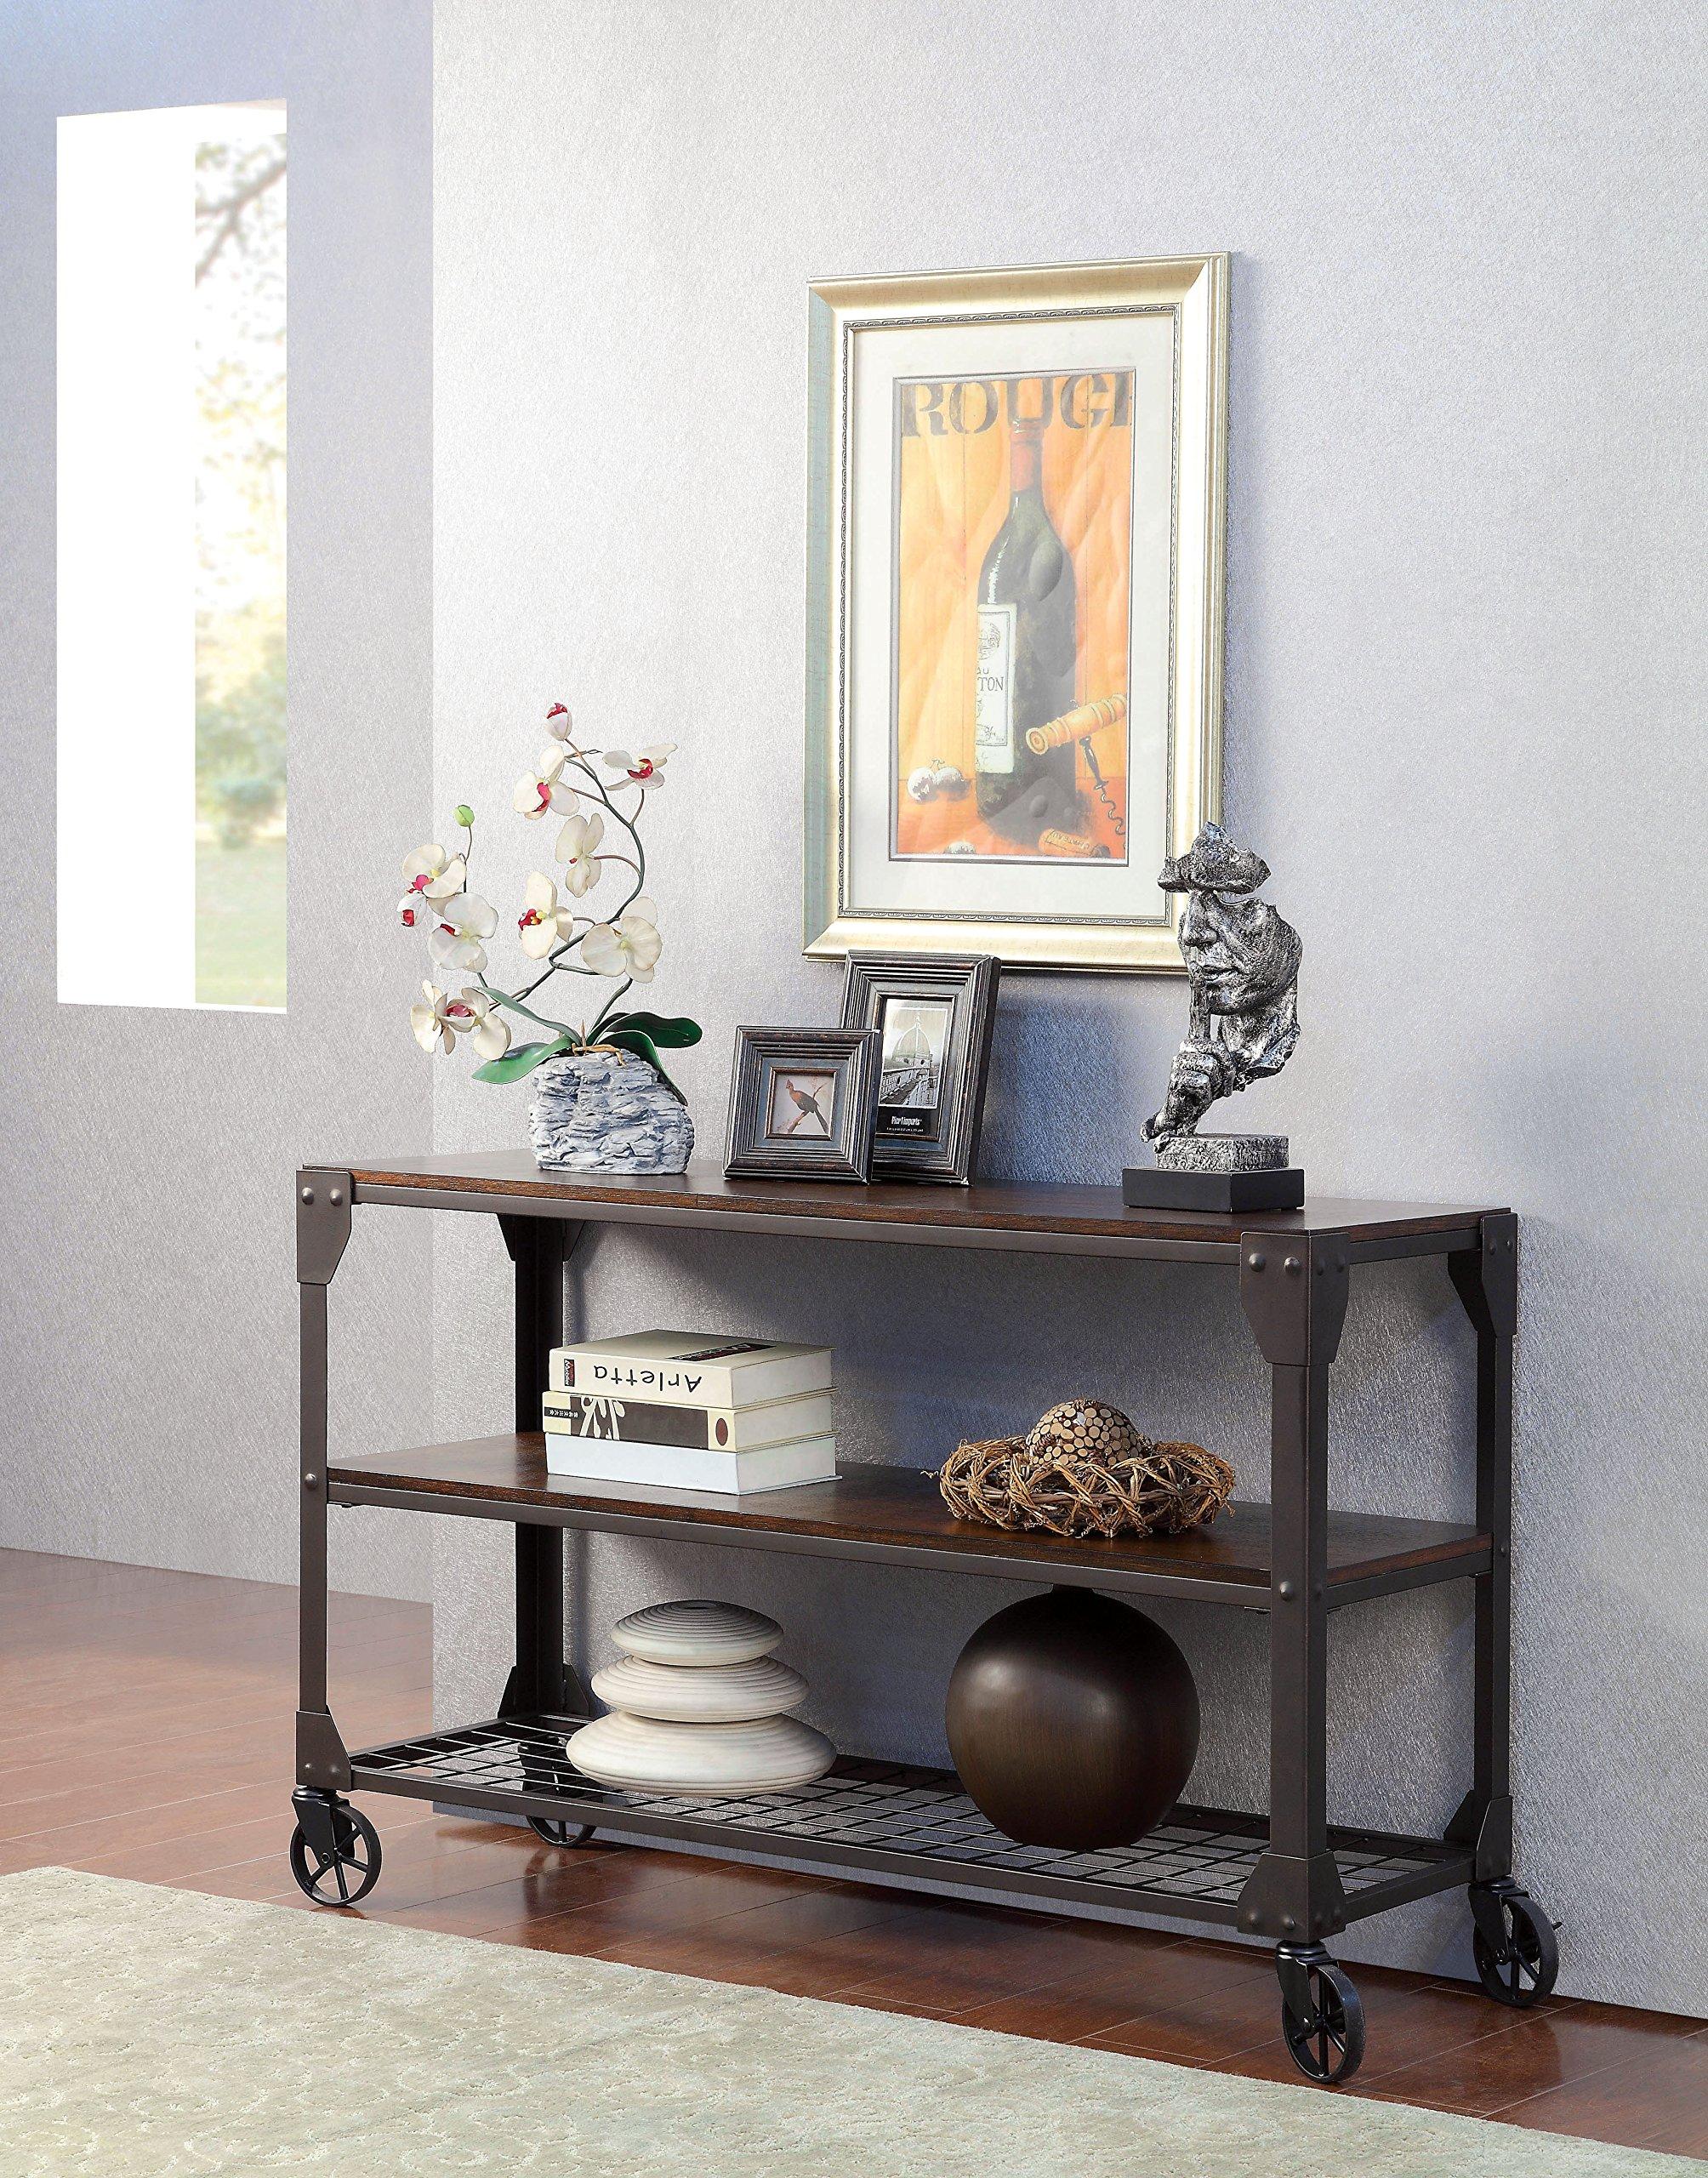 Furniture of America Kastas Industrial Sofa Table, Black by Furniture of America